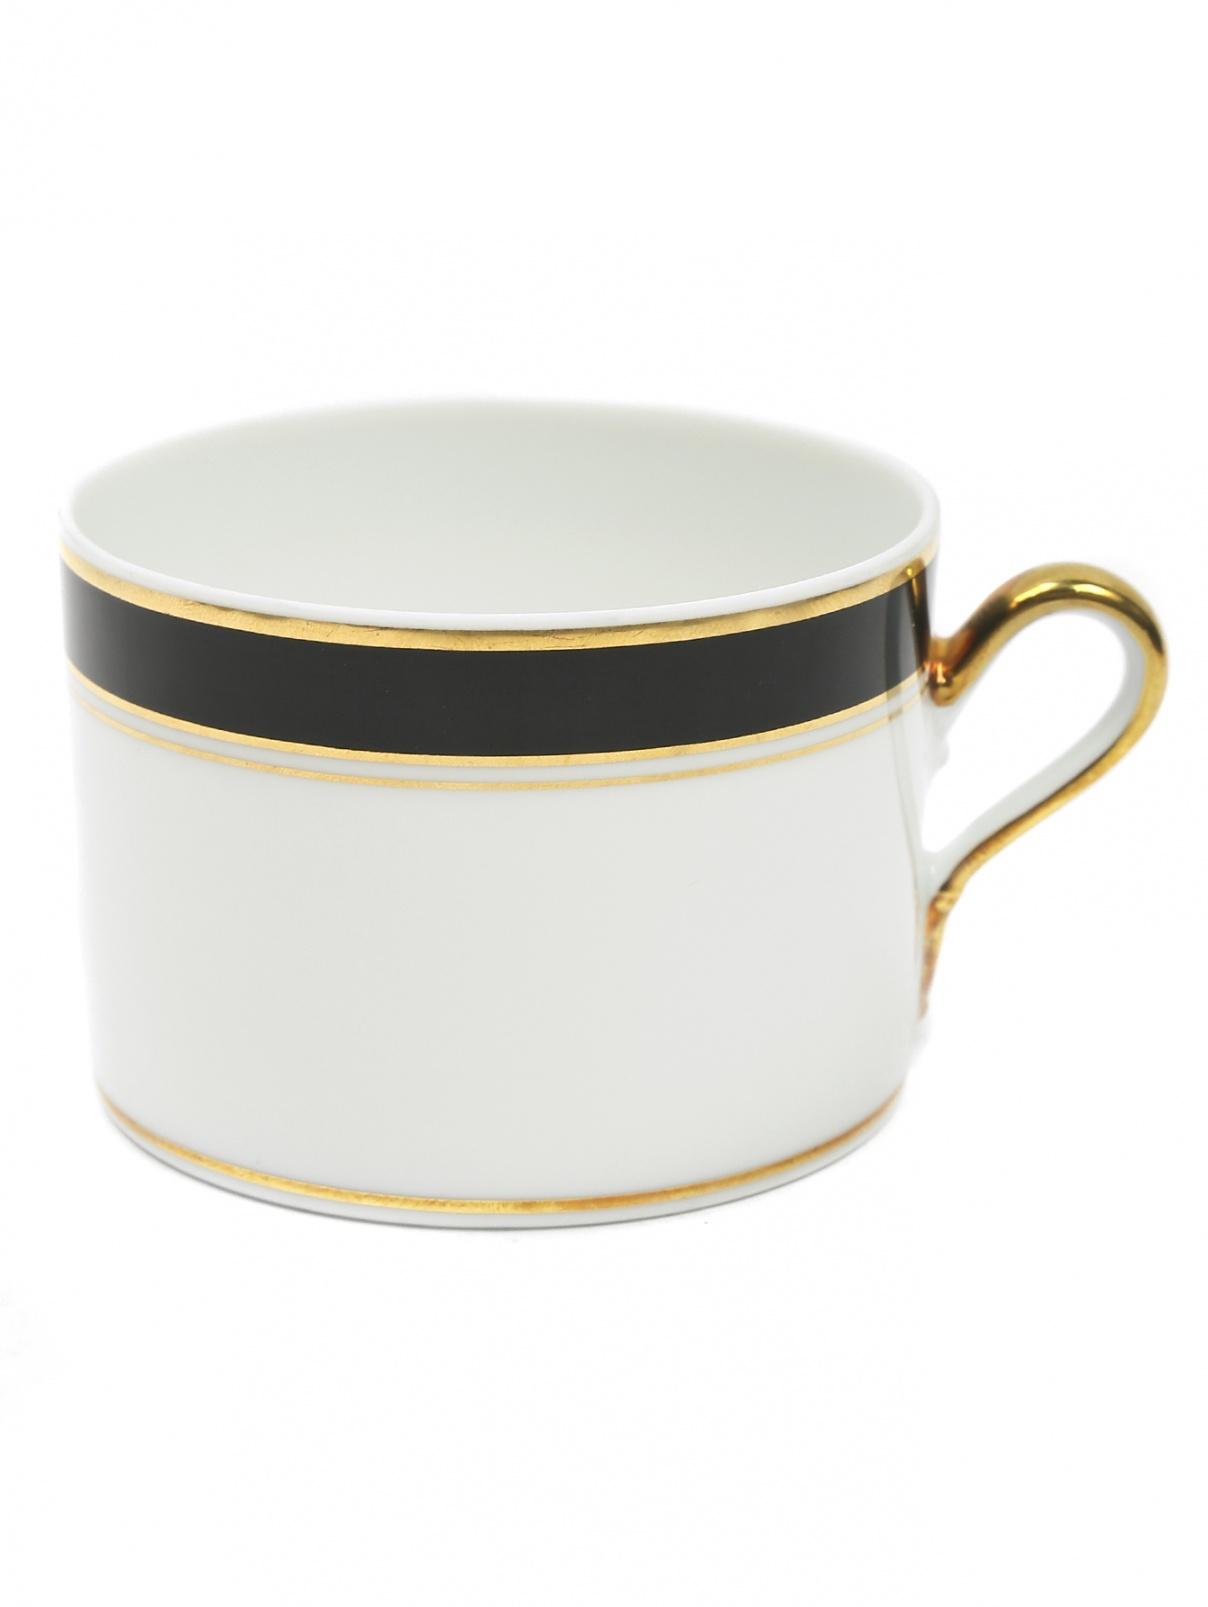 Чайная чашка с широкой черной окантовкой и золотой каймой Richard Ginori 1735  –  Общий вид